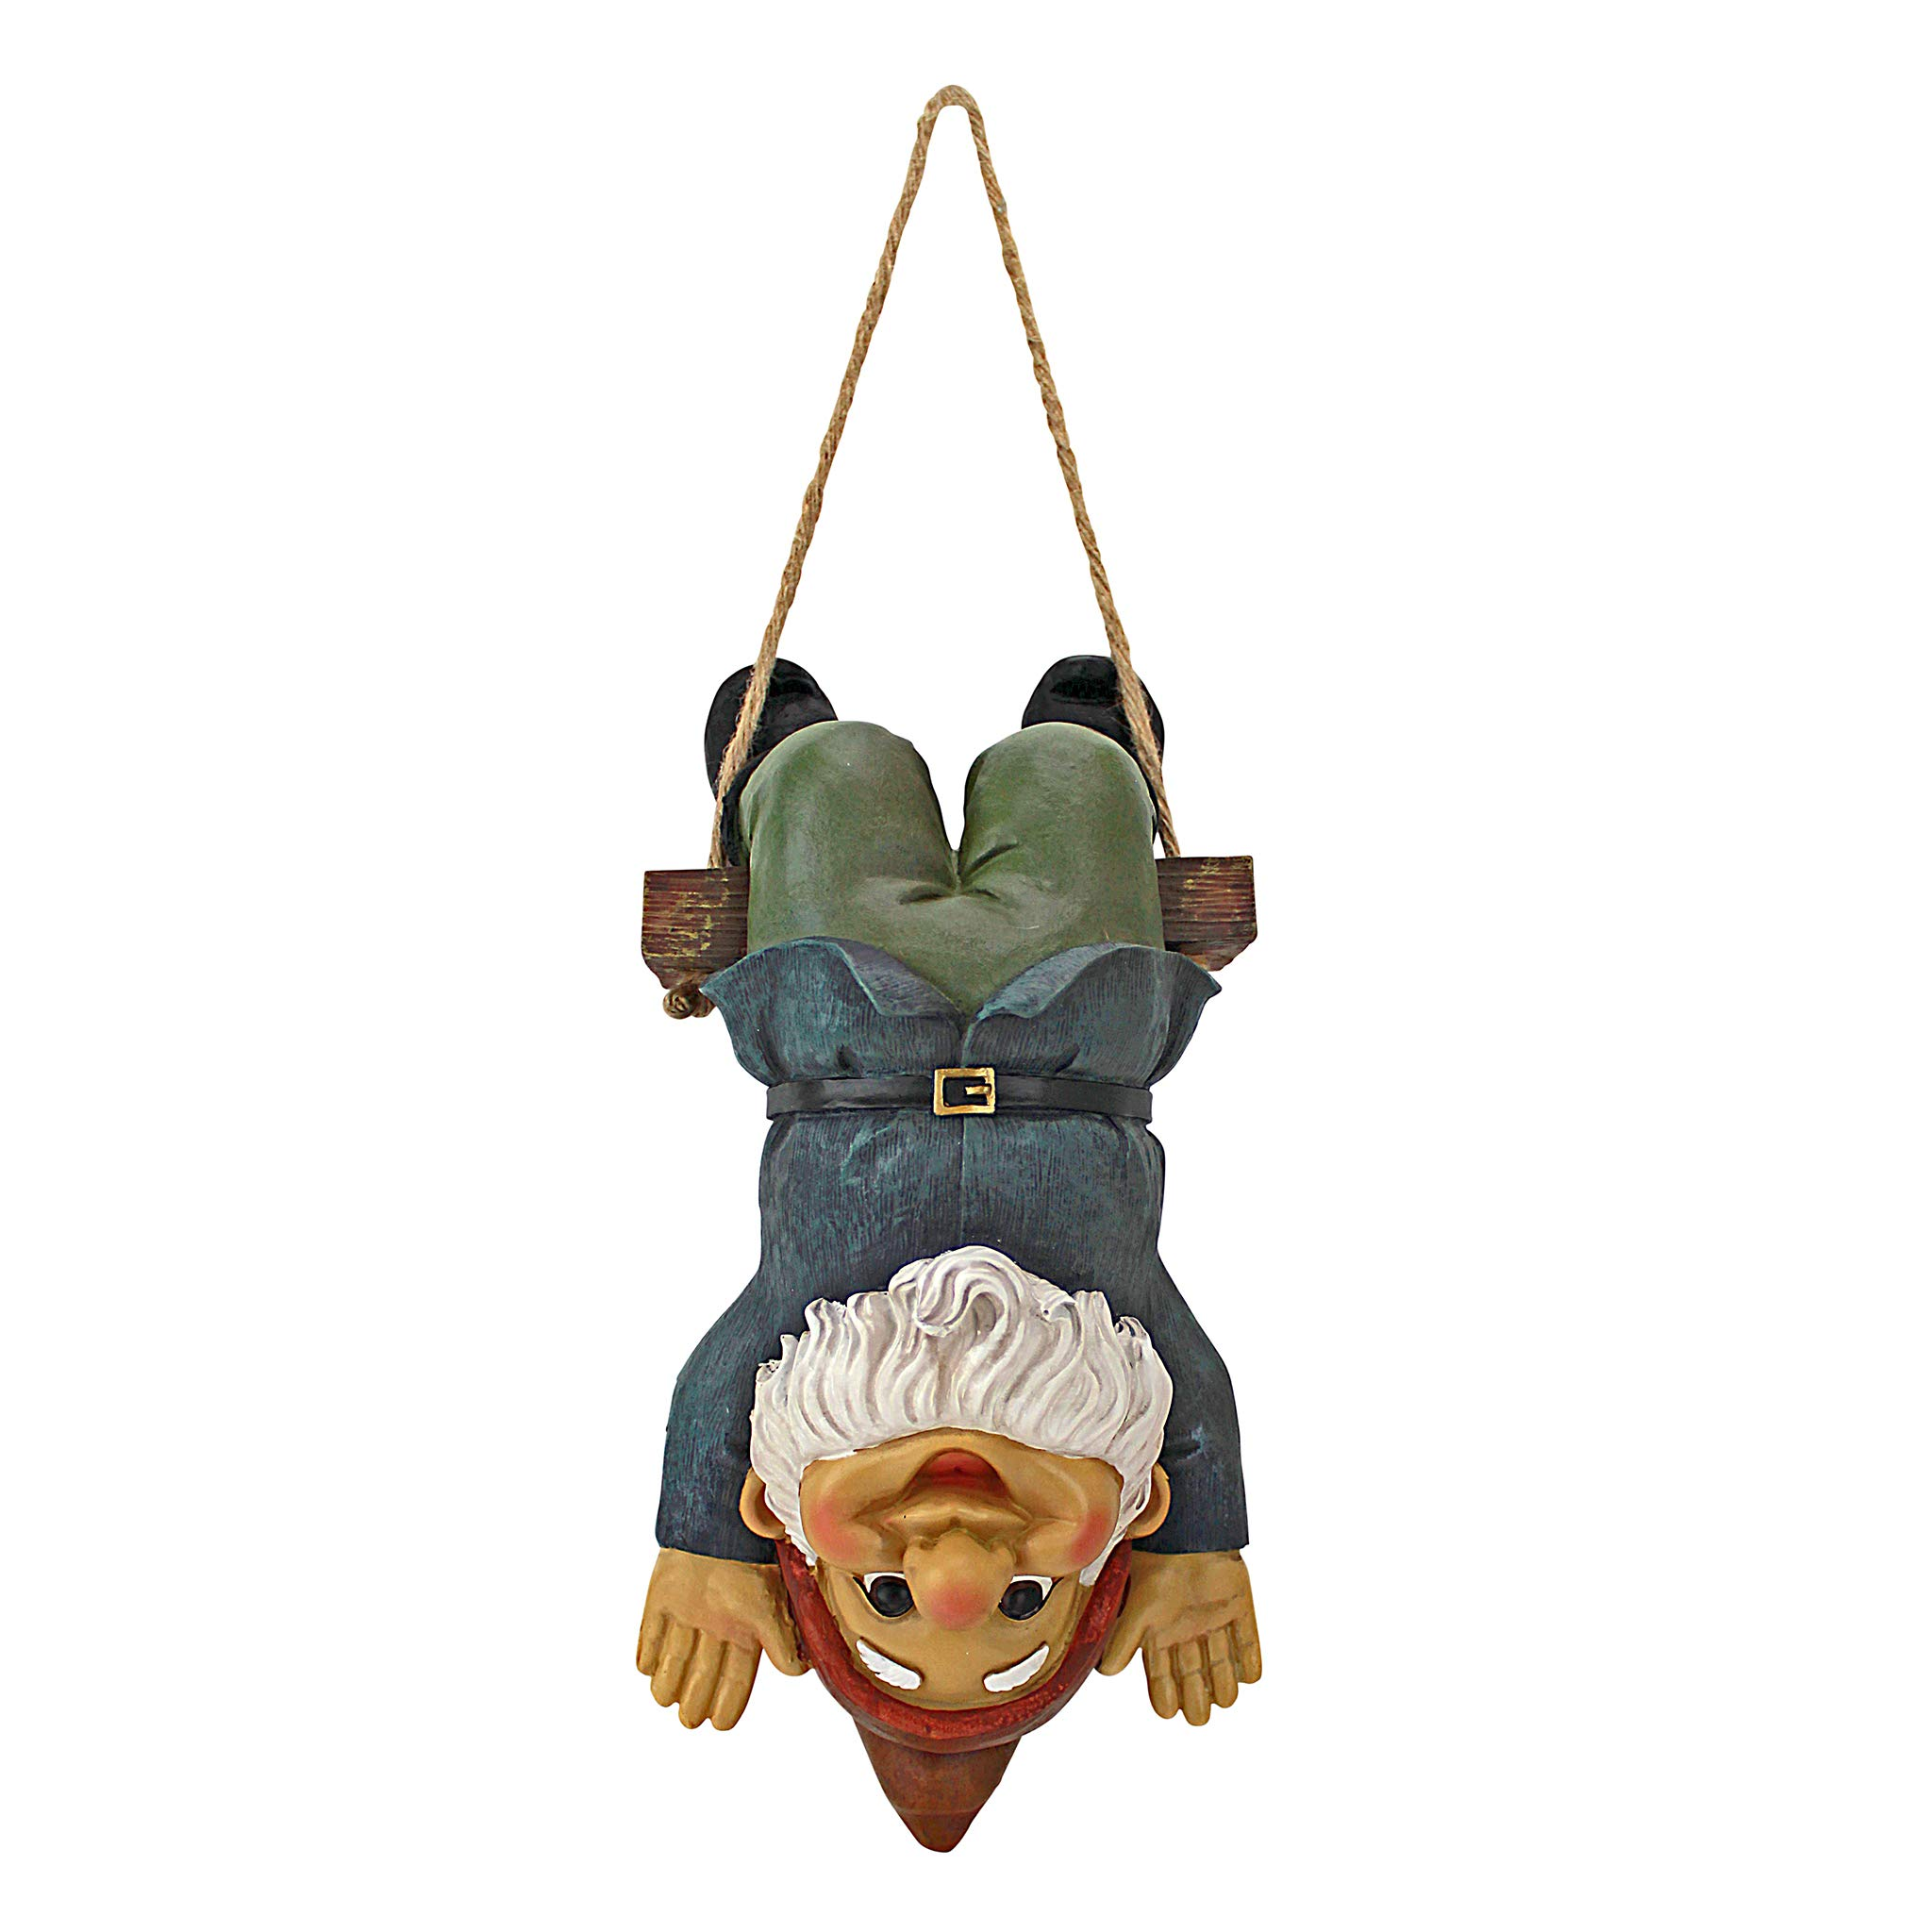 Garden Gnome Statue - Alfie the Acrobat Swinging Gnome - Outdoor Garden Gnomes - Funny Lawn Gnome Statues